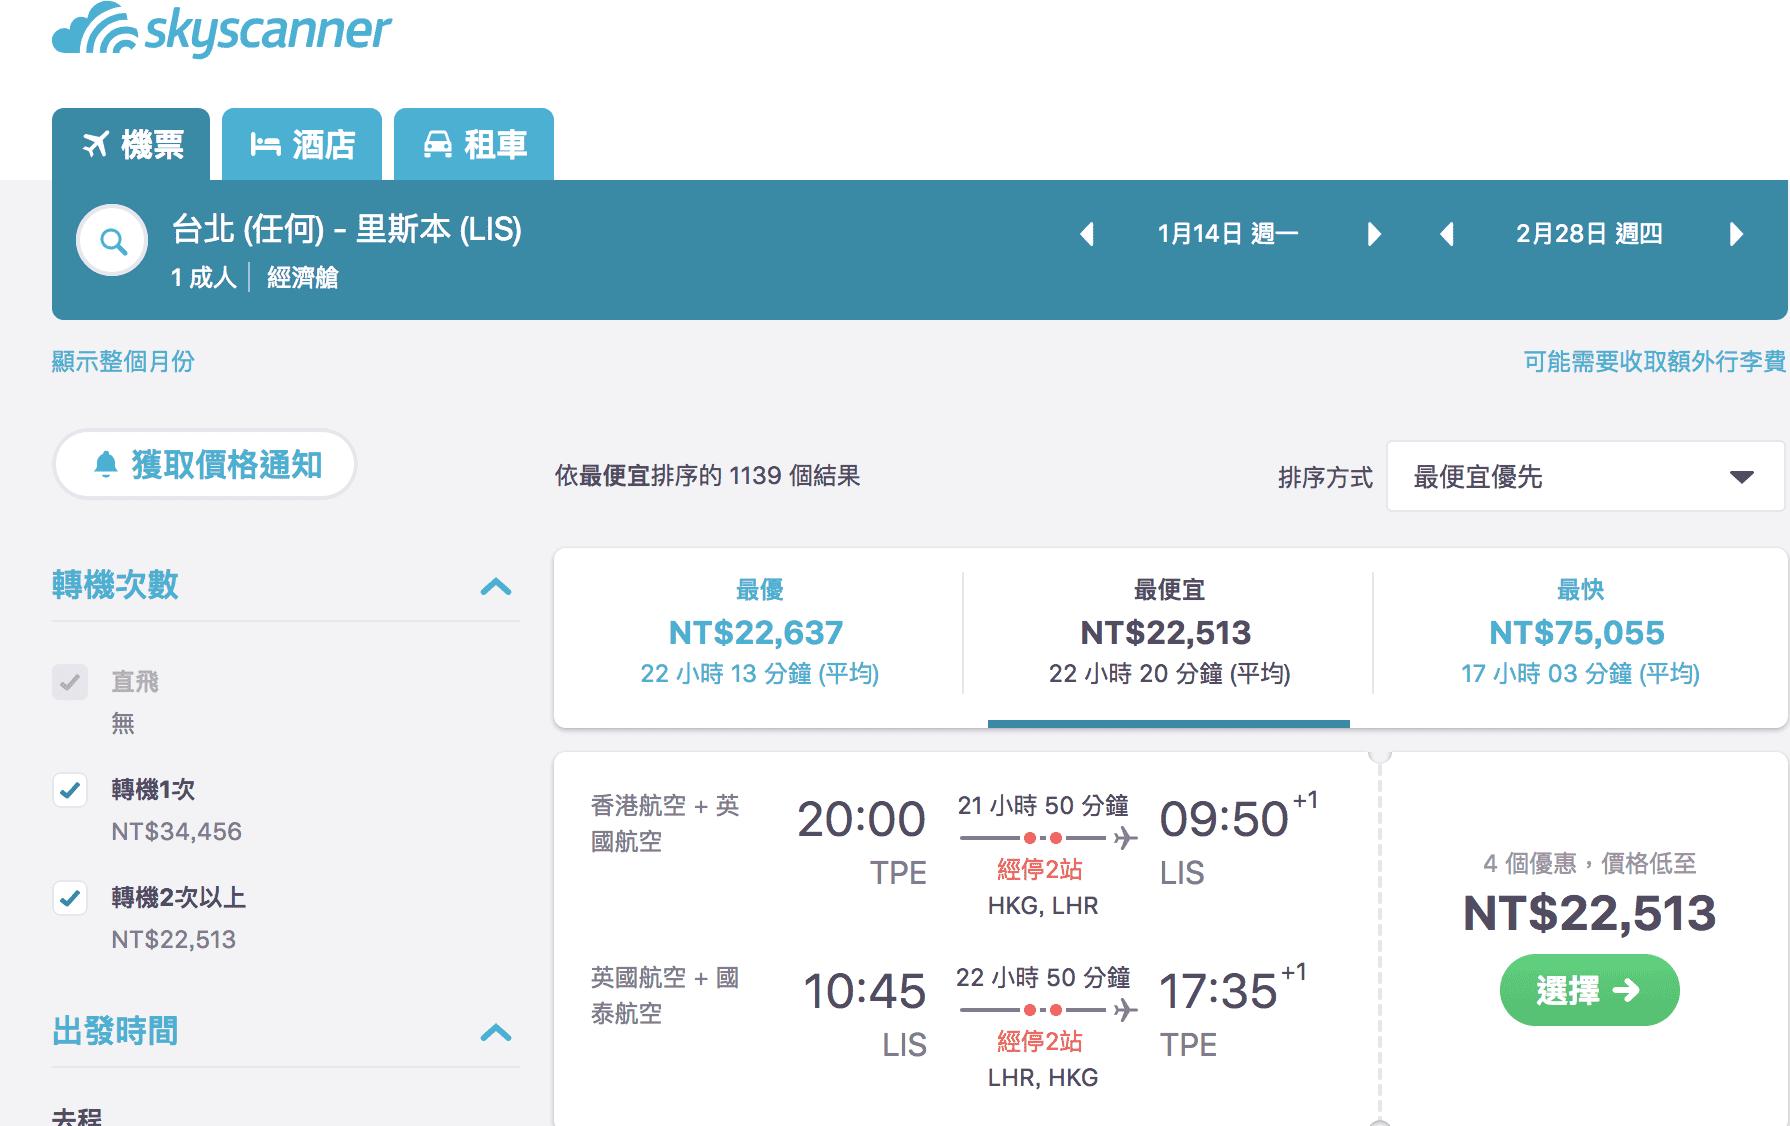 網站近期文章:英航寒假歐洲機票特價,最低20K起~要不去冰島看極光、要不往南歐去度假吧~(查票時間:107.6.23)